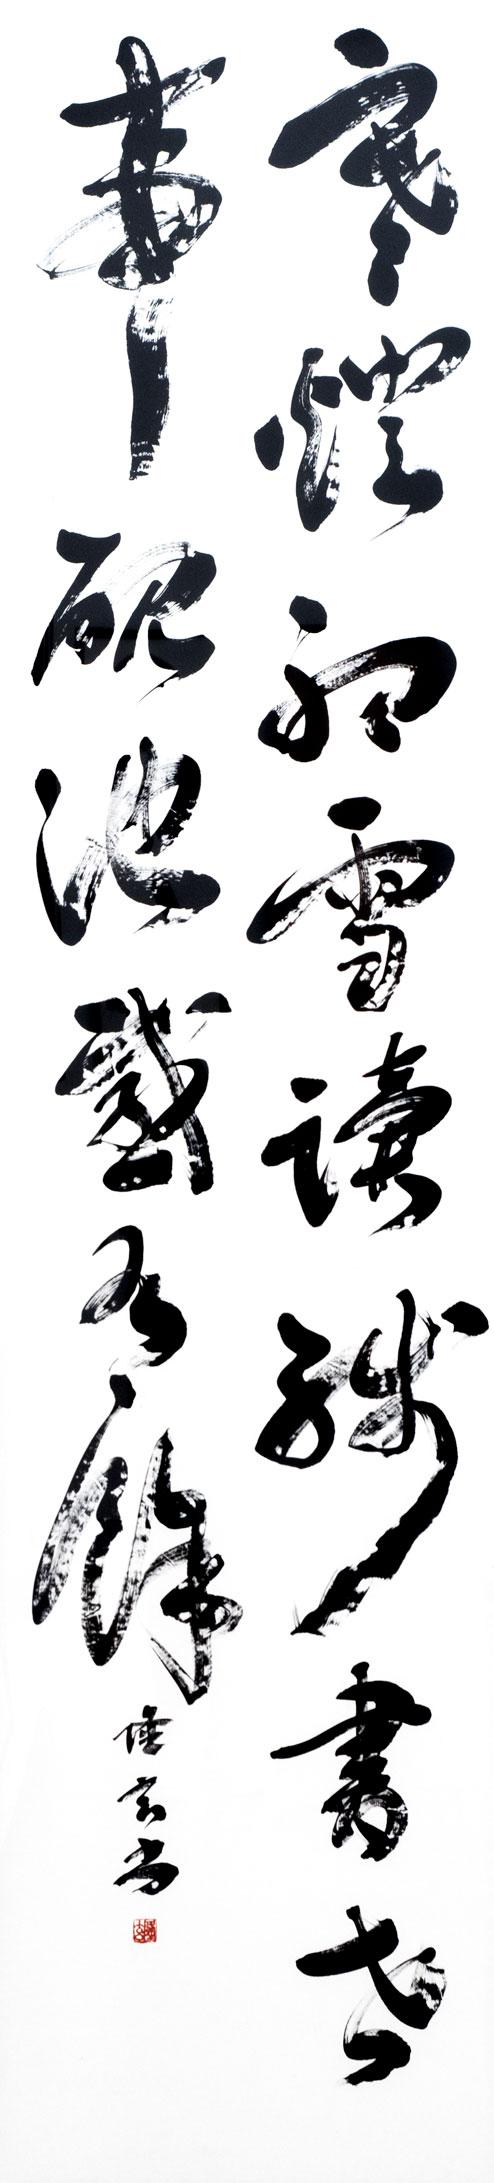 2017-jp-shodo-inspiration-442.jpg